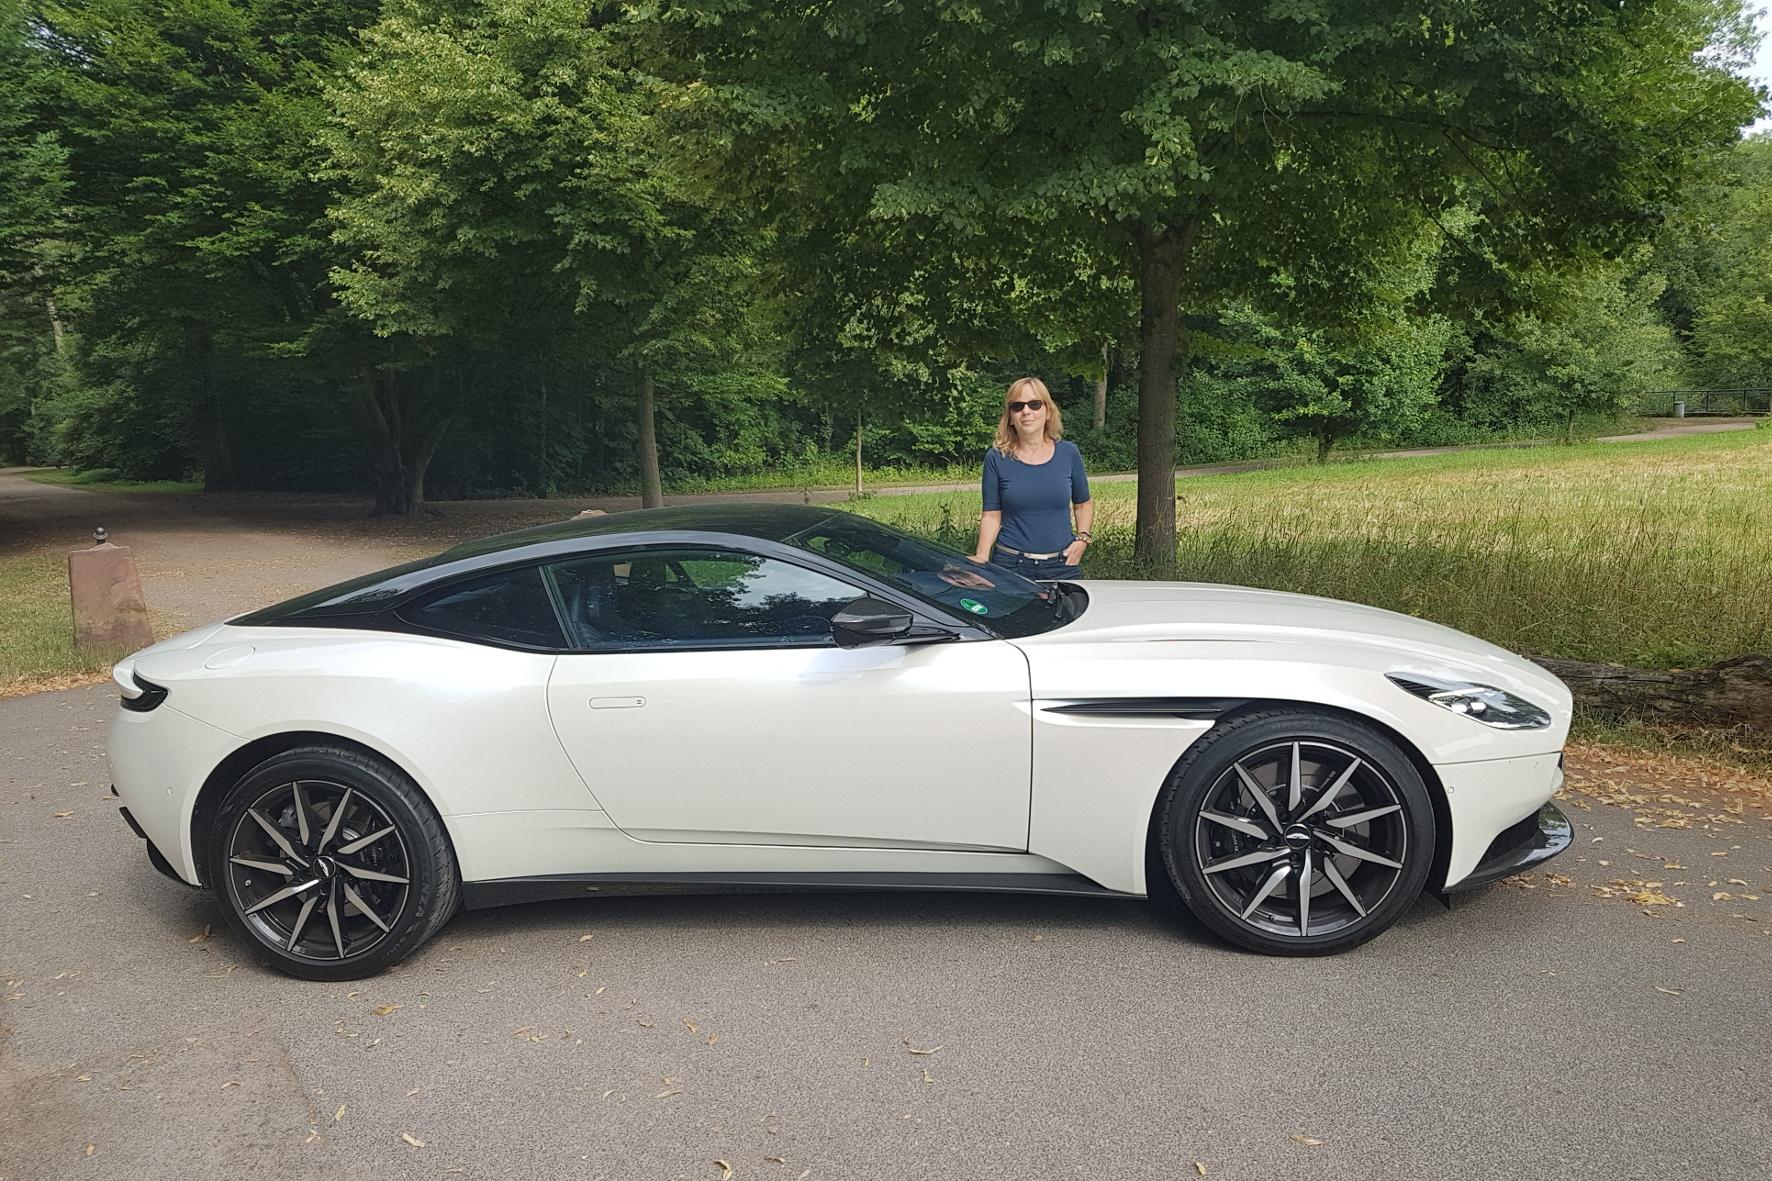 Gestatten: Blond. James Blond - mit der Lizenz zum Fahren. Nicht nur berühmte Geheimagenten sitzen am Steuer eines Aston Martin.